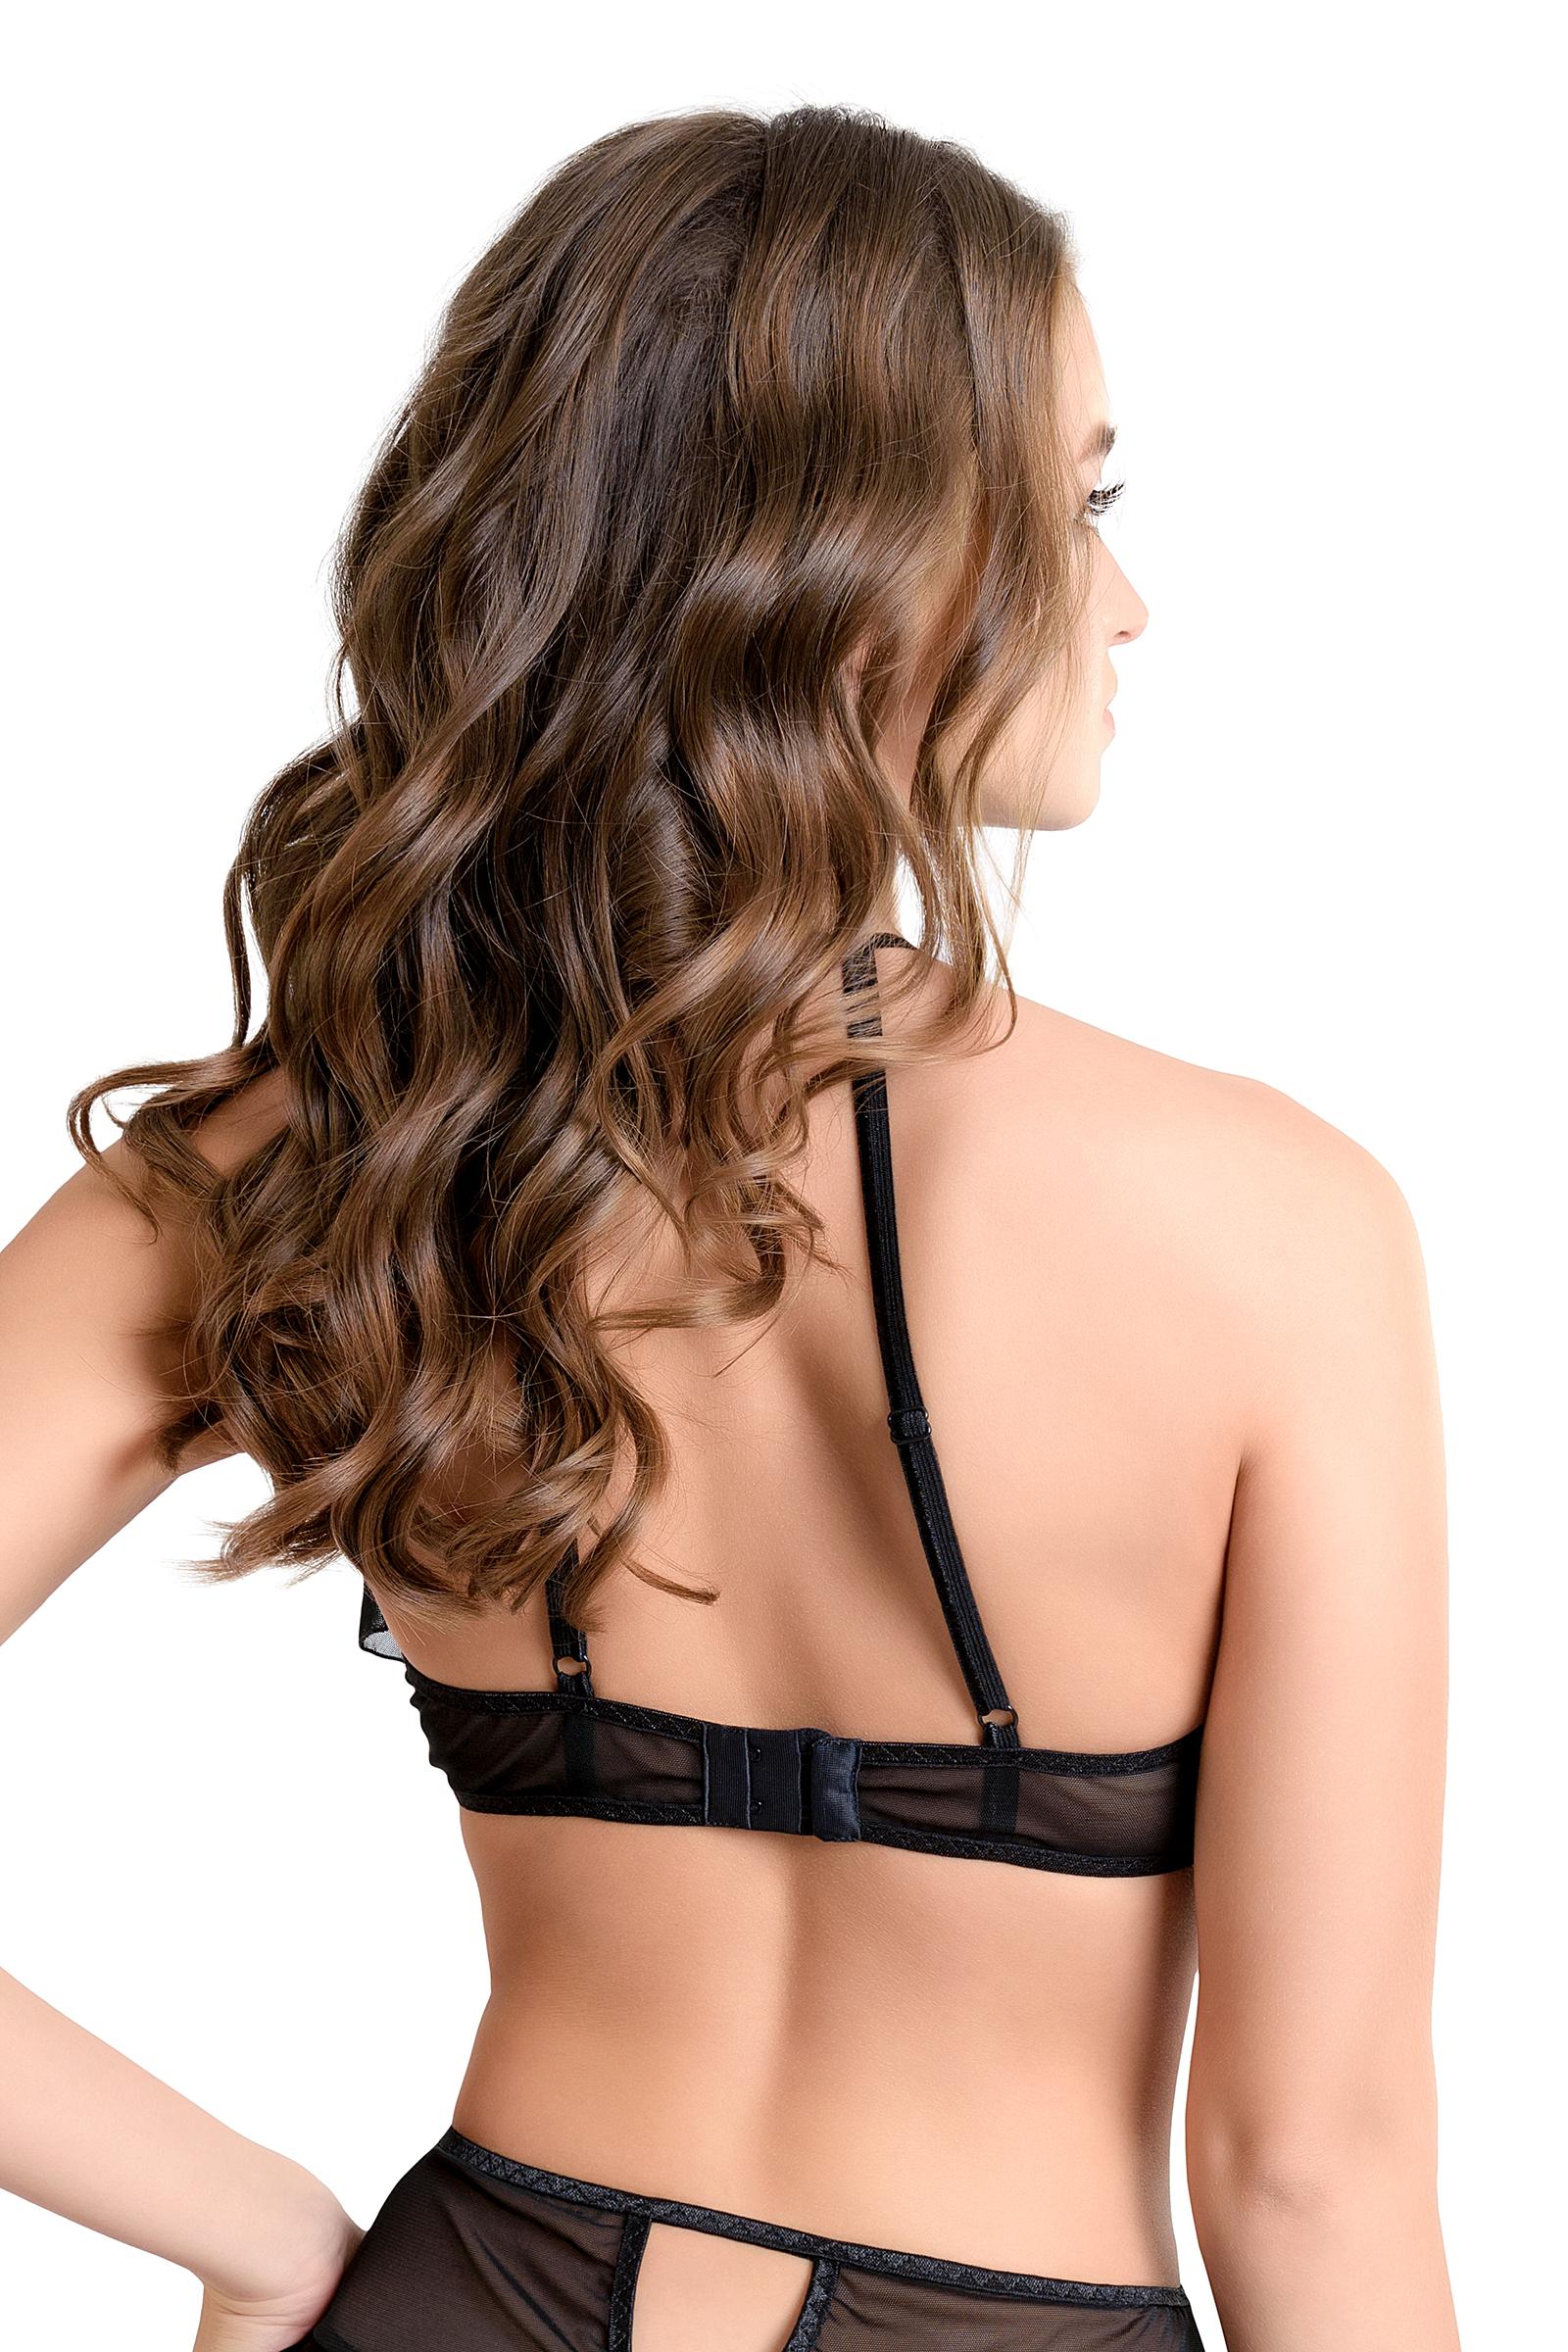 Эротический бралетт Erolanta Karen с открытой грудью, черный (42-44)